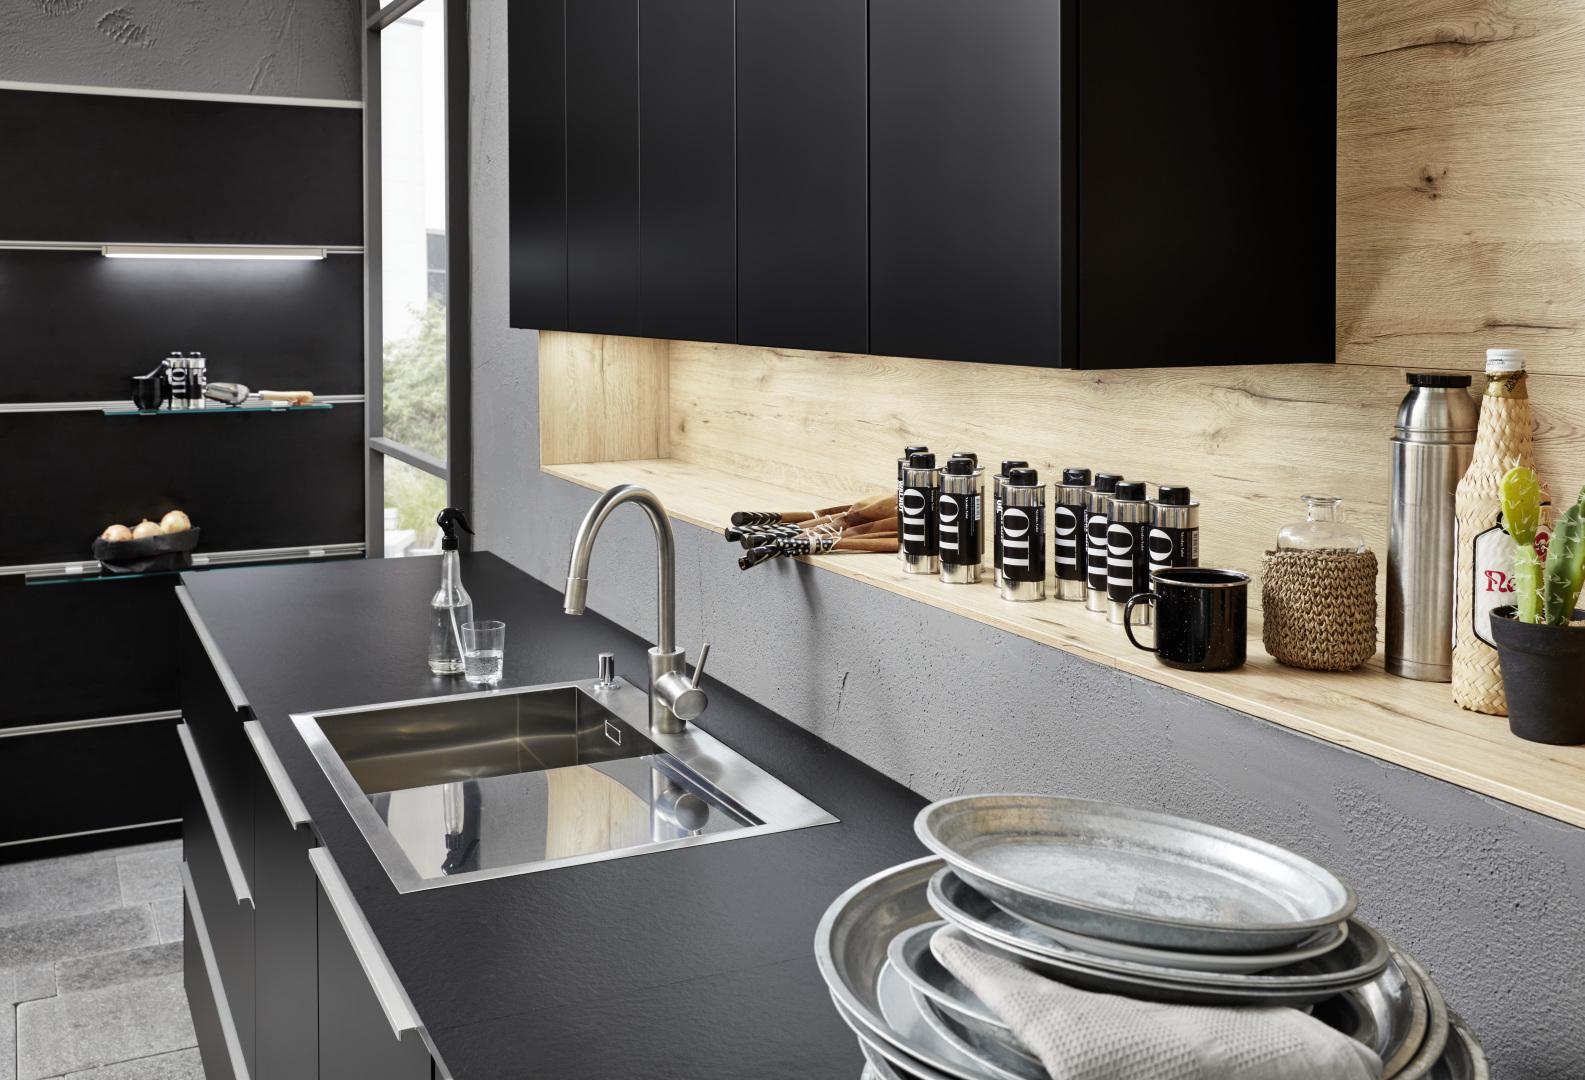 Espace cuisine influence contemporaine haut de gamme Schwarz installée par Intérieur Littoz Annecy